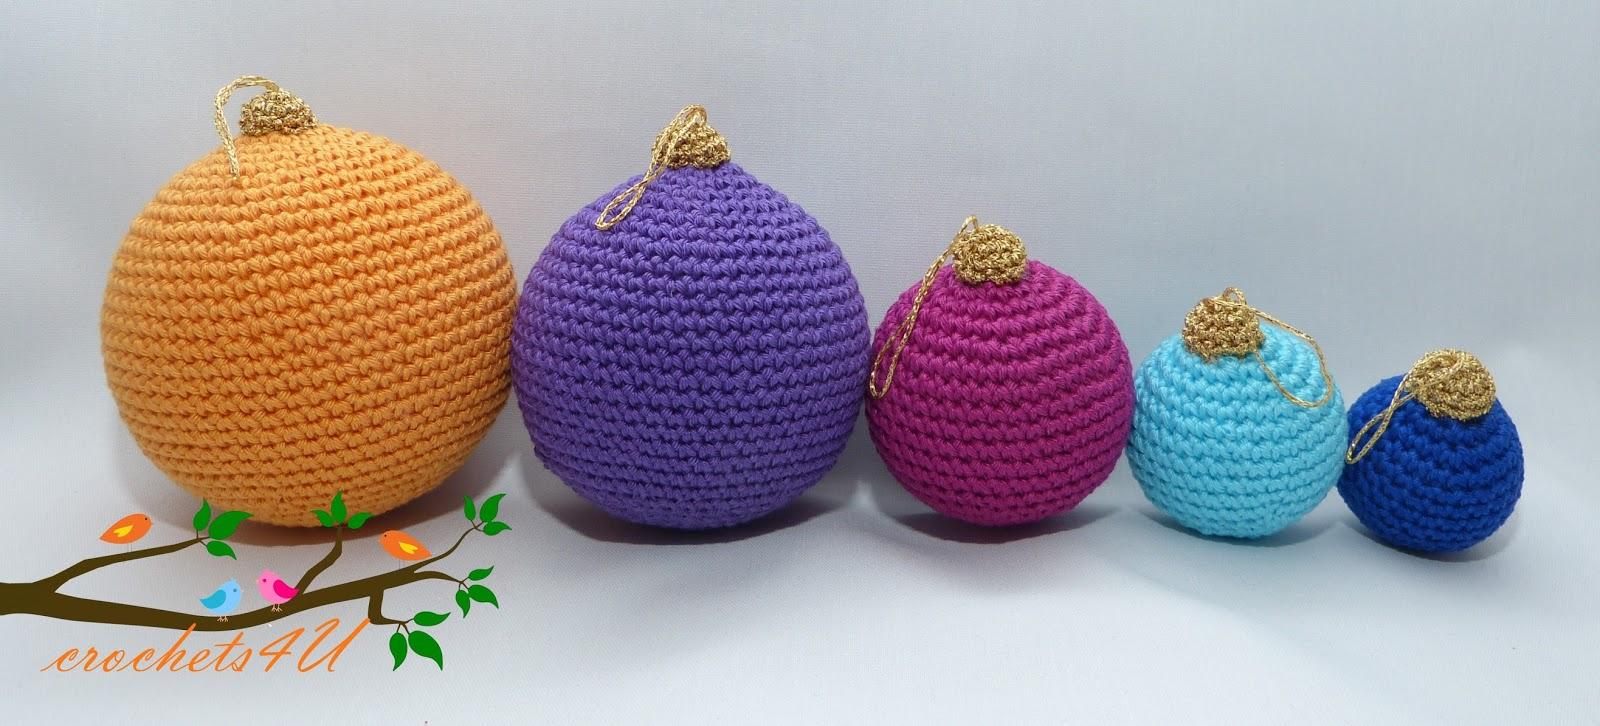 Crochets4u Gratis Patroon Kerstballen Haken